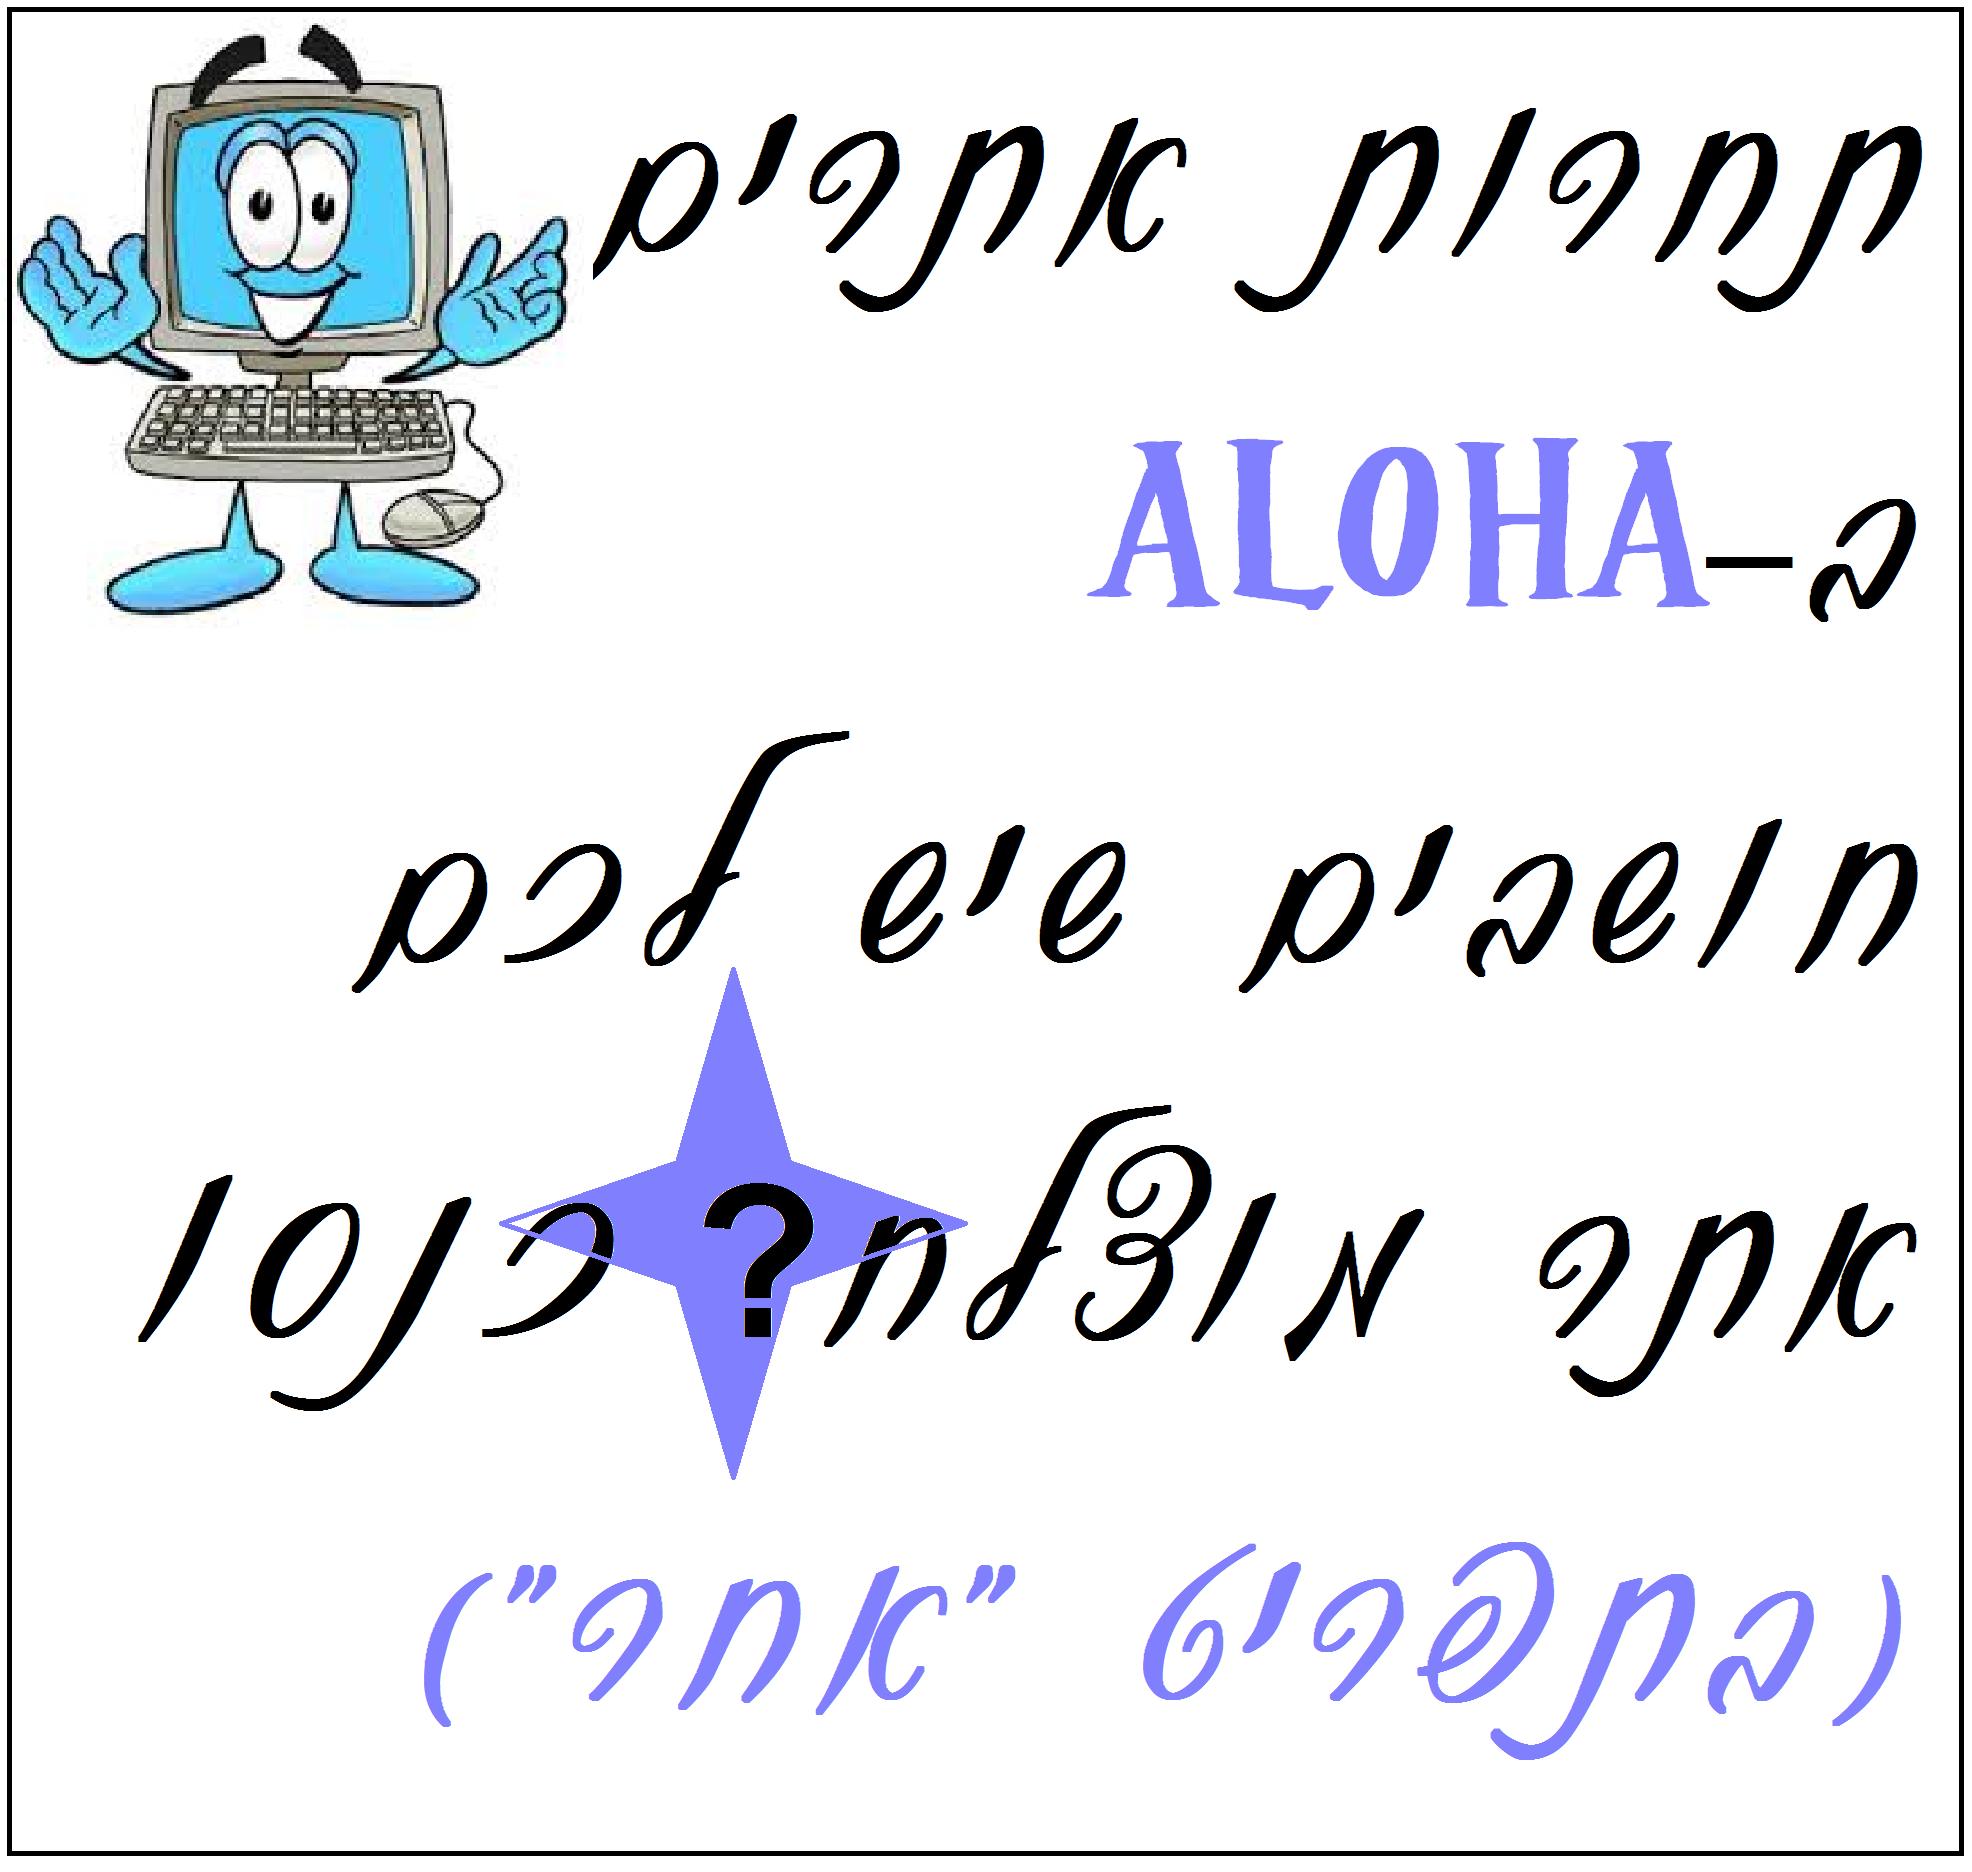 05a28aead341c15191a78f0d16ab7bf758b15de1